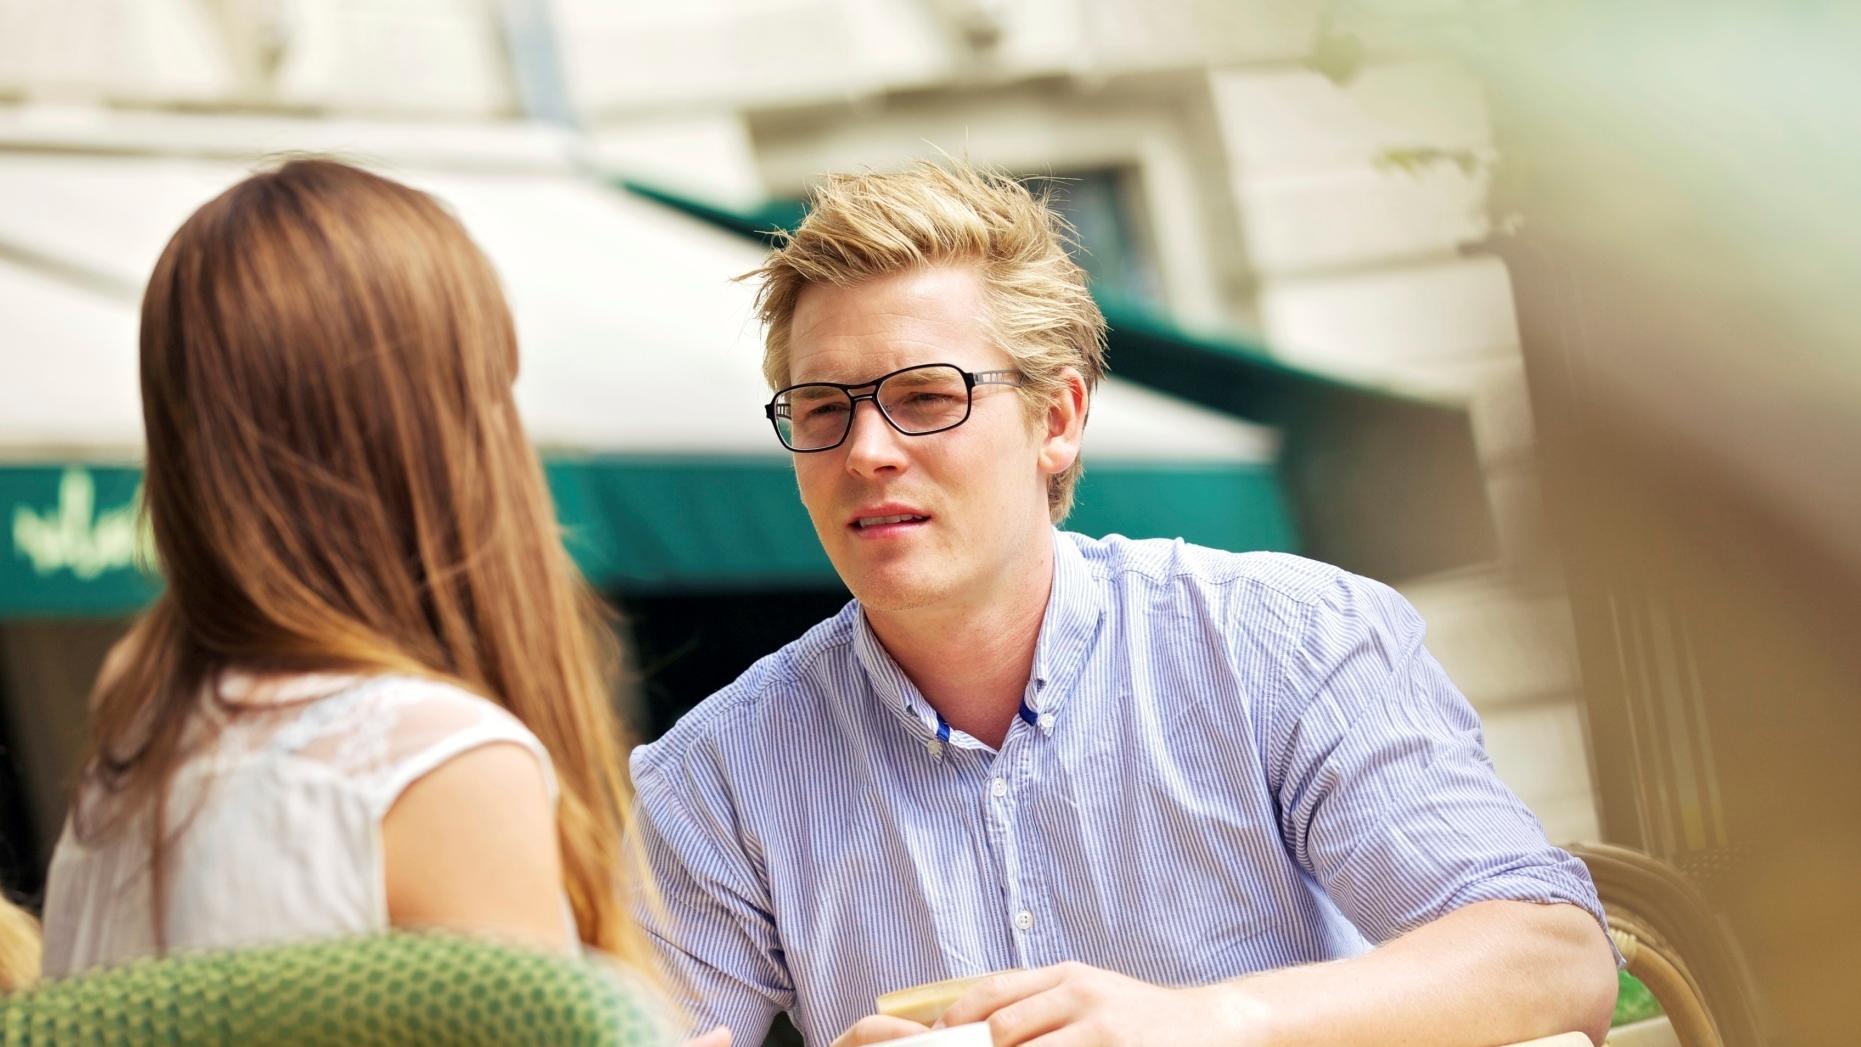 spotkać się na randce na lunch